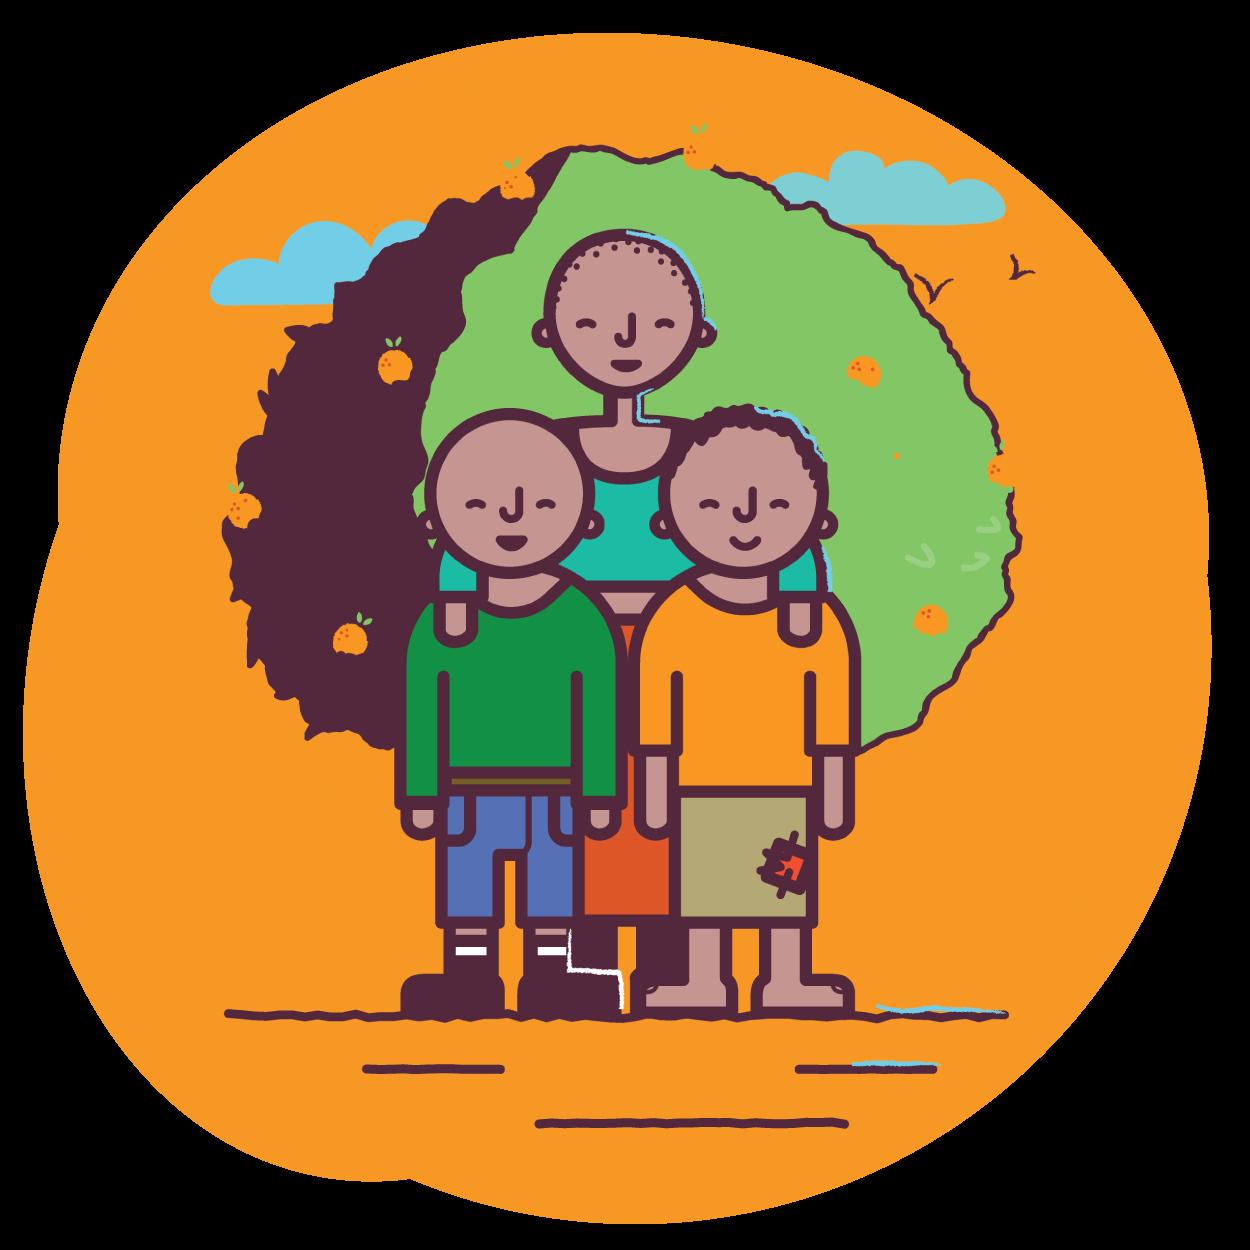 community_care_kikavu